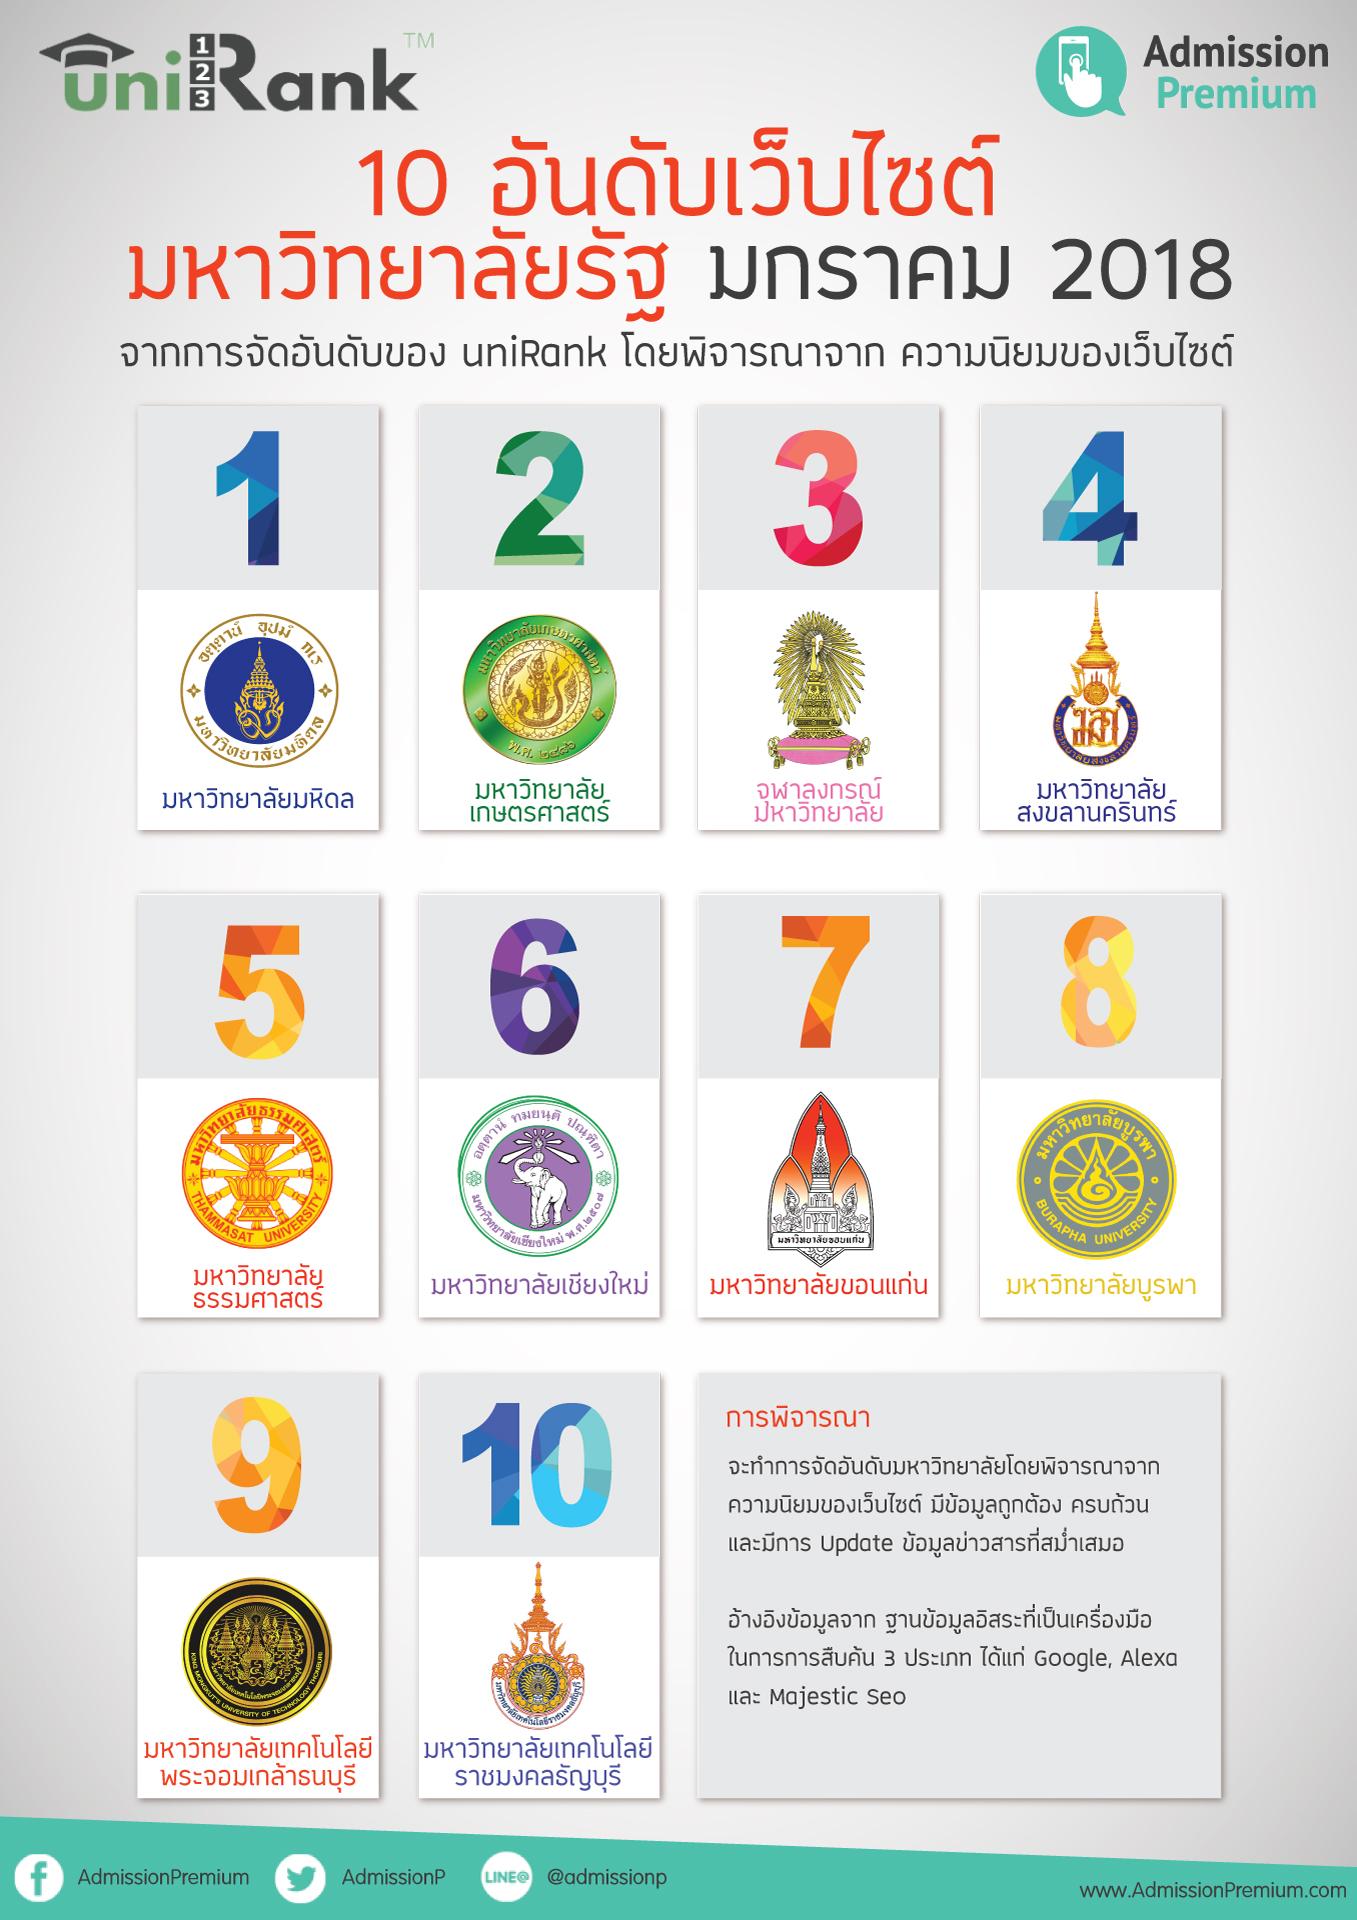 ผลการจัดอันดับ เว็บไซต์มหาวิทยาลัยโลก The 2018 University Web Rankings เดือนมกราคม โดย uniRank